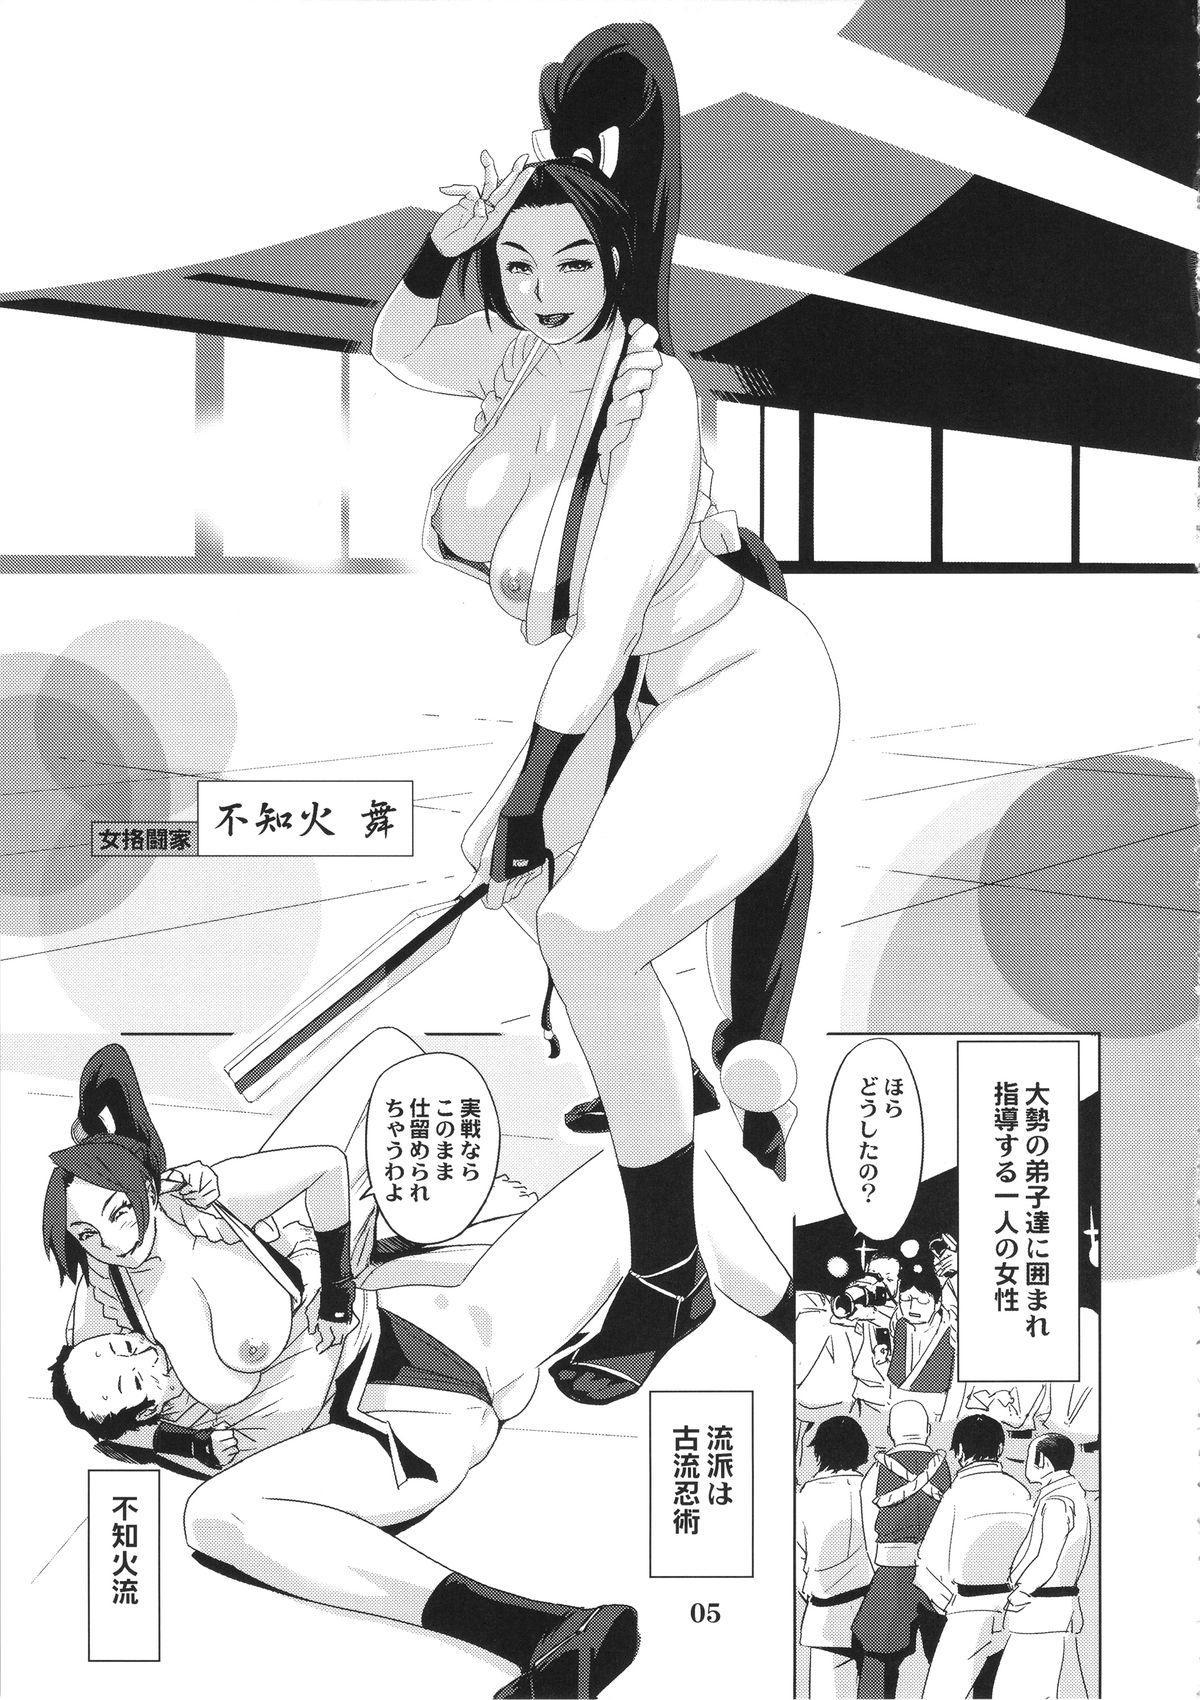 Shiranui Mai Mitchaku 24-ji 3